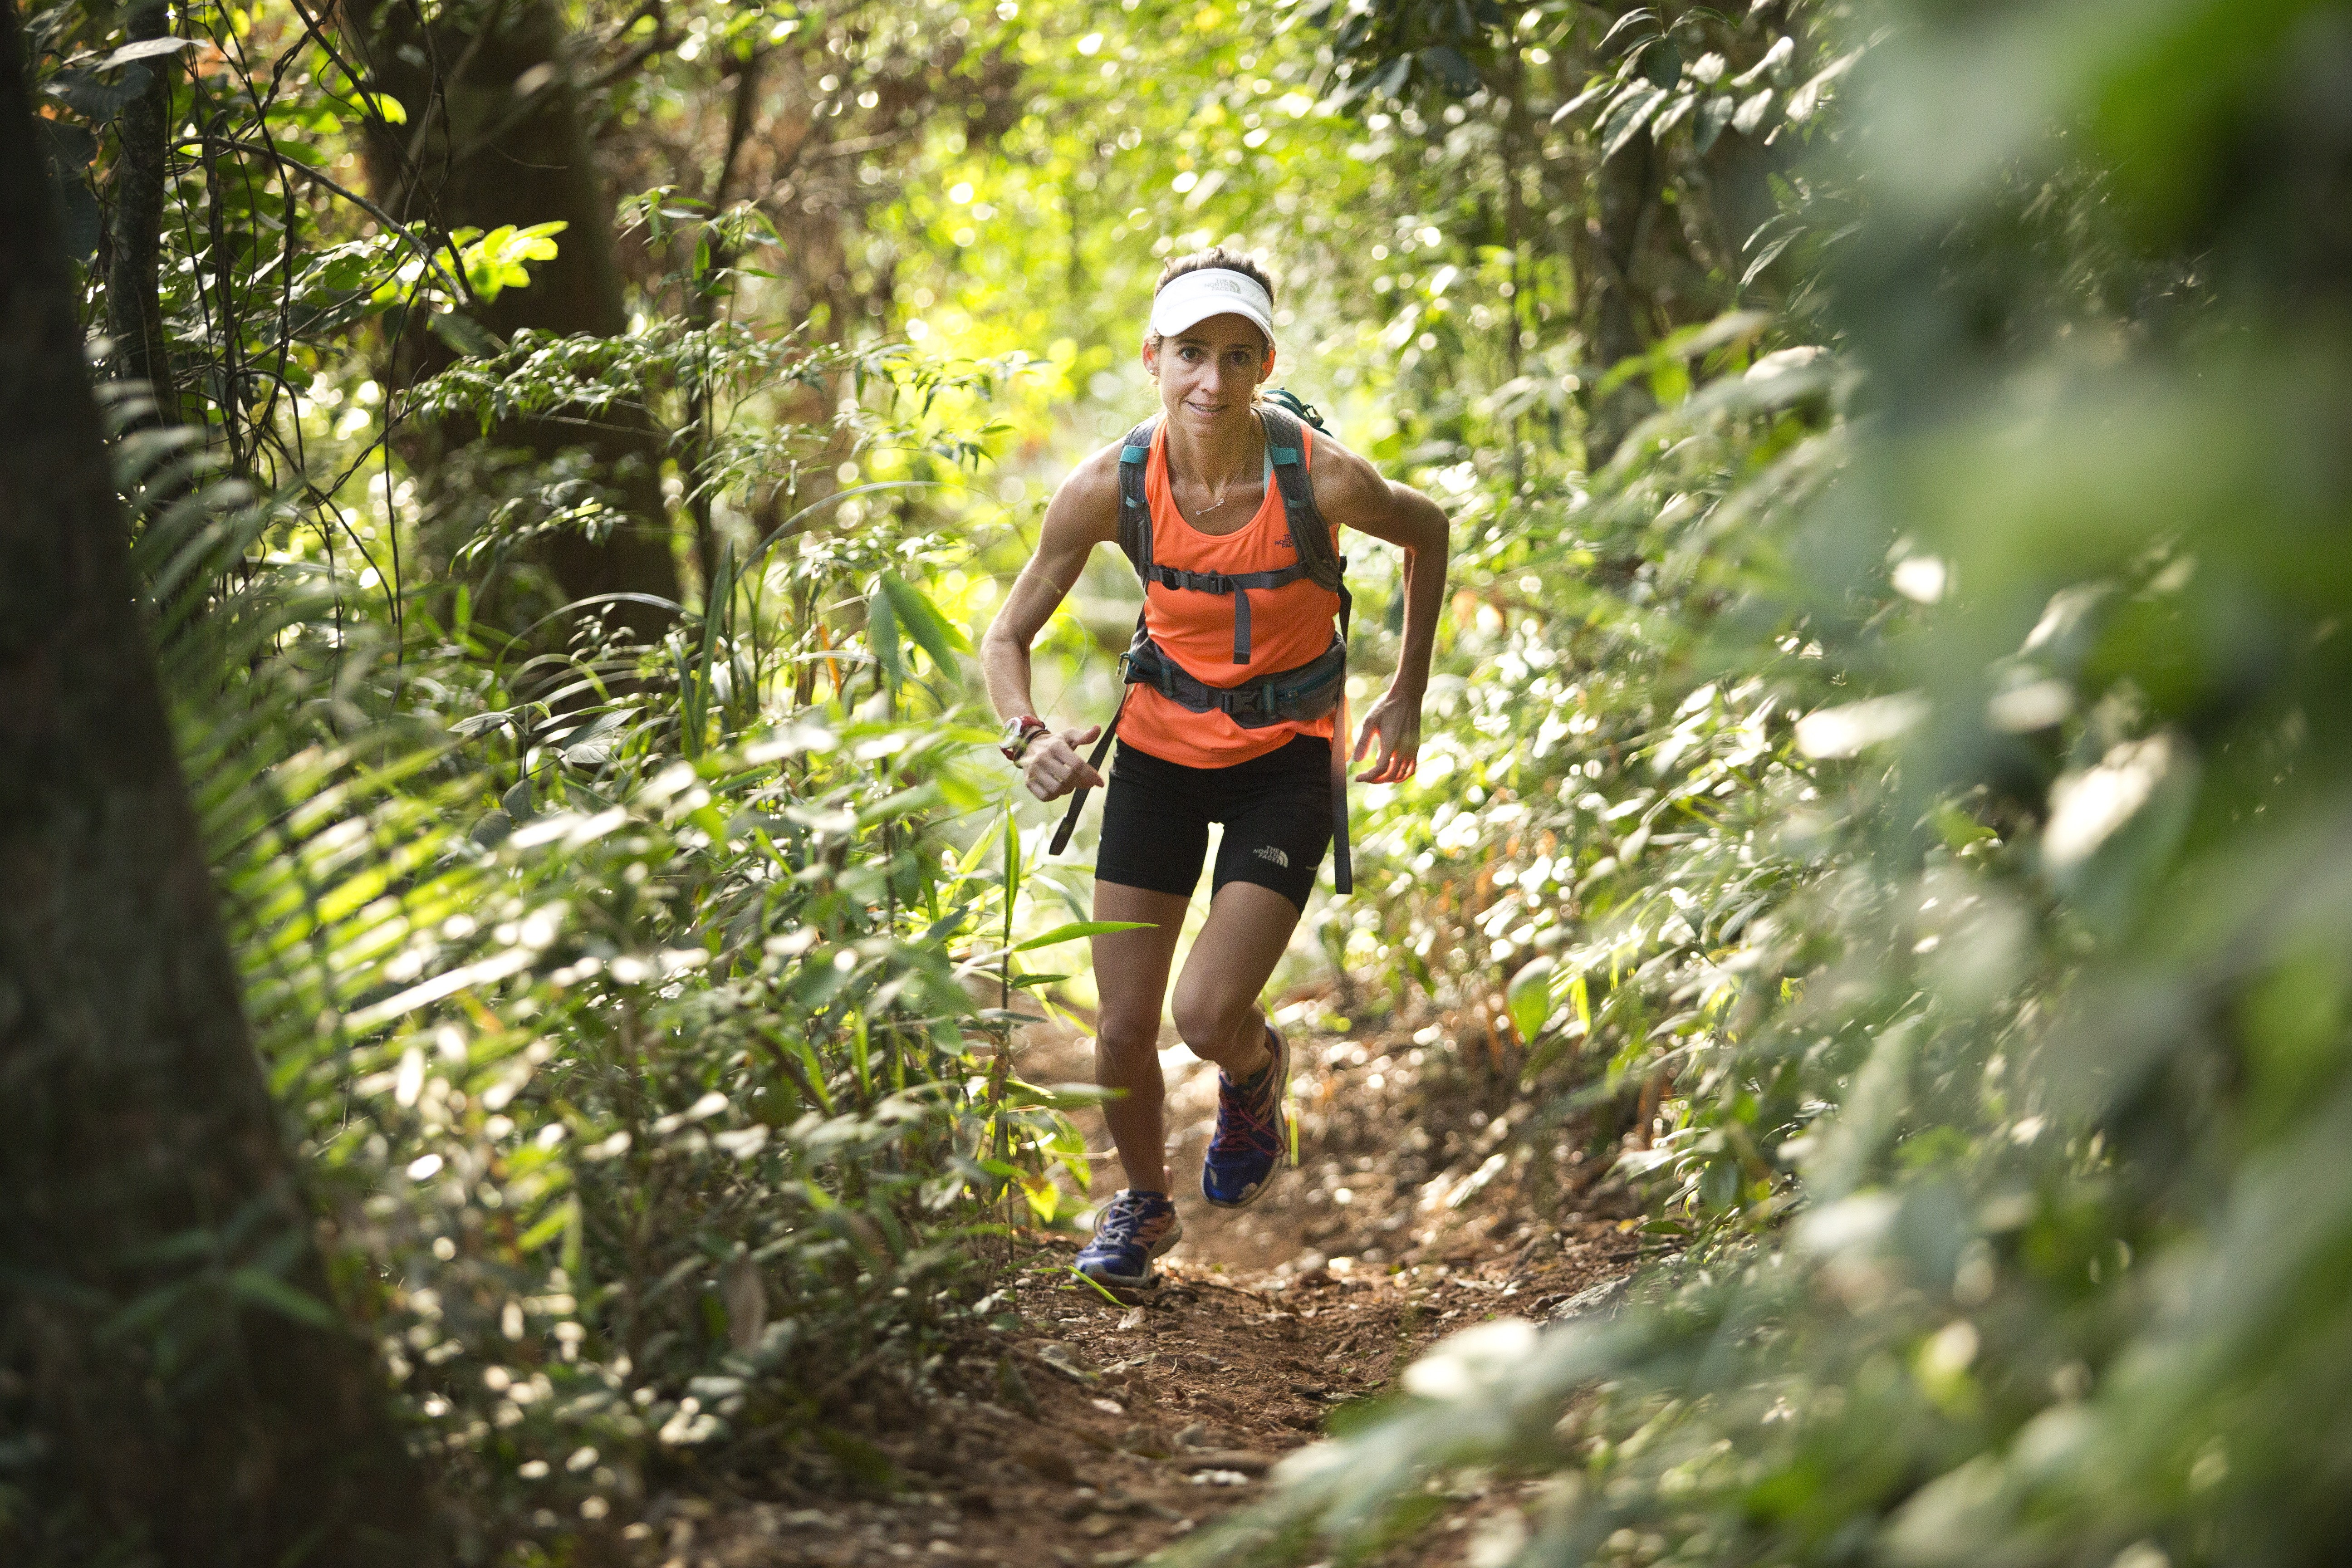 Rosália nas trilhas, onde prefere correr